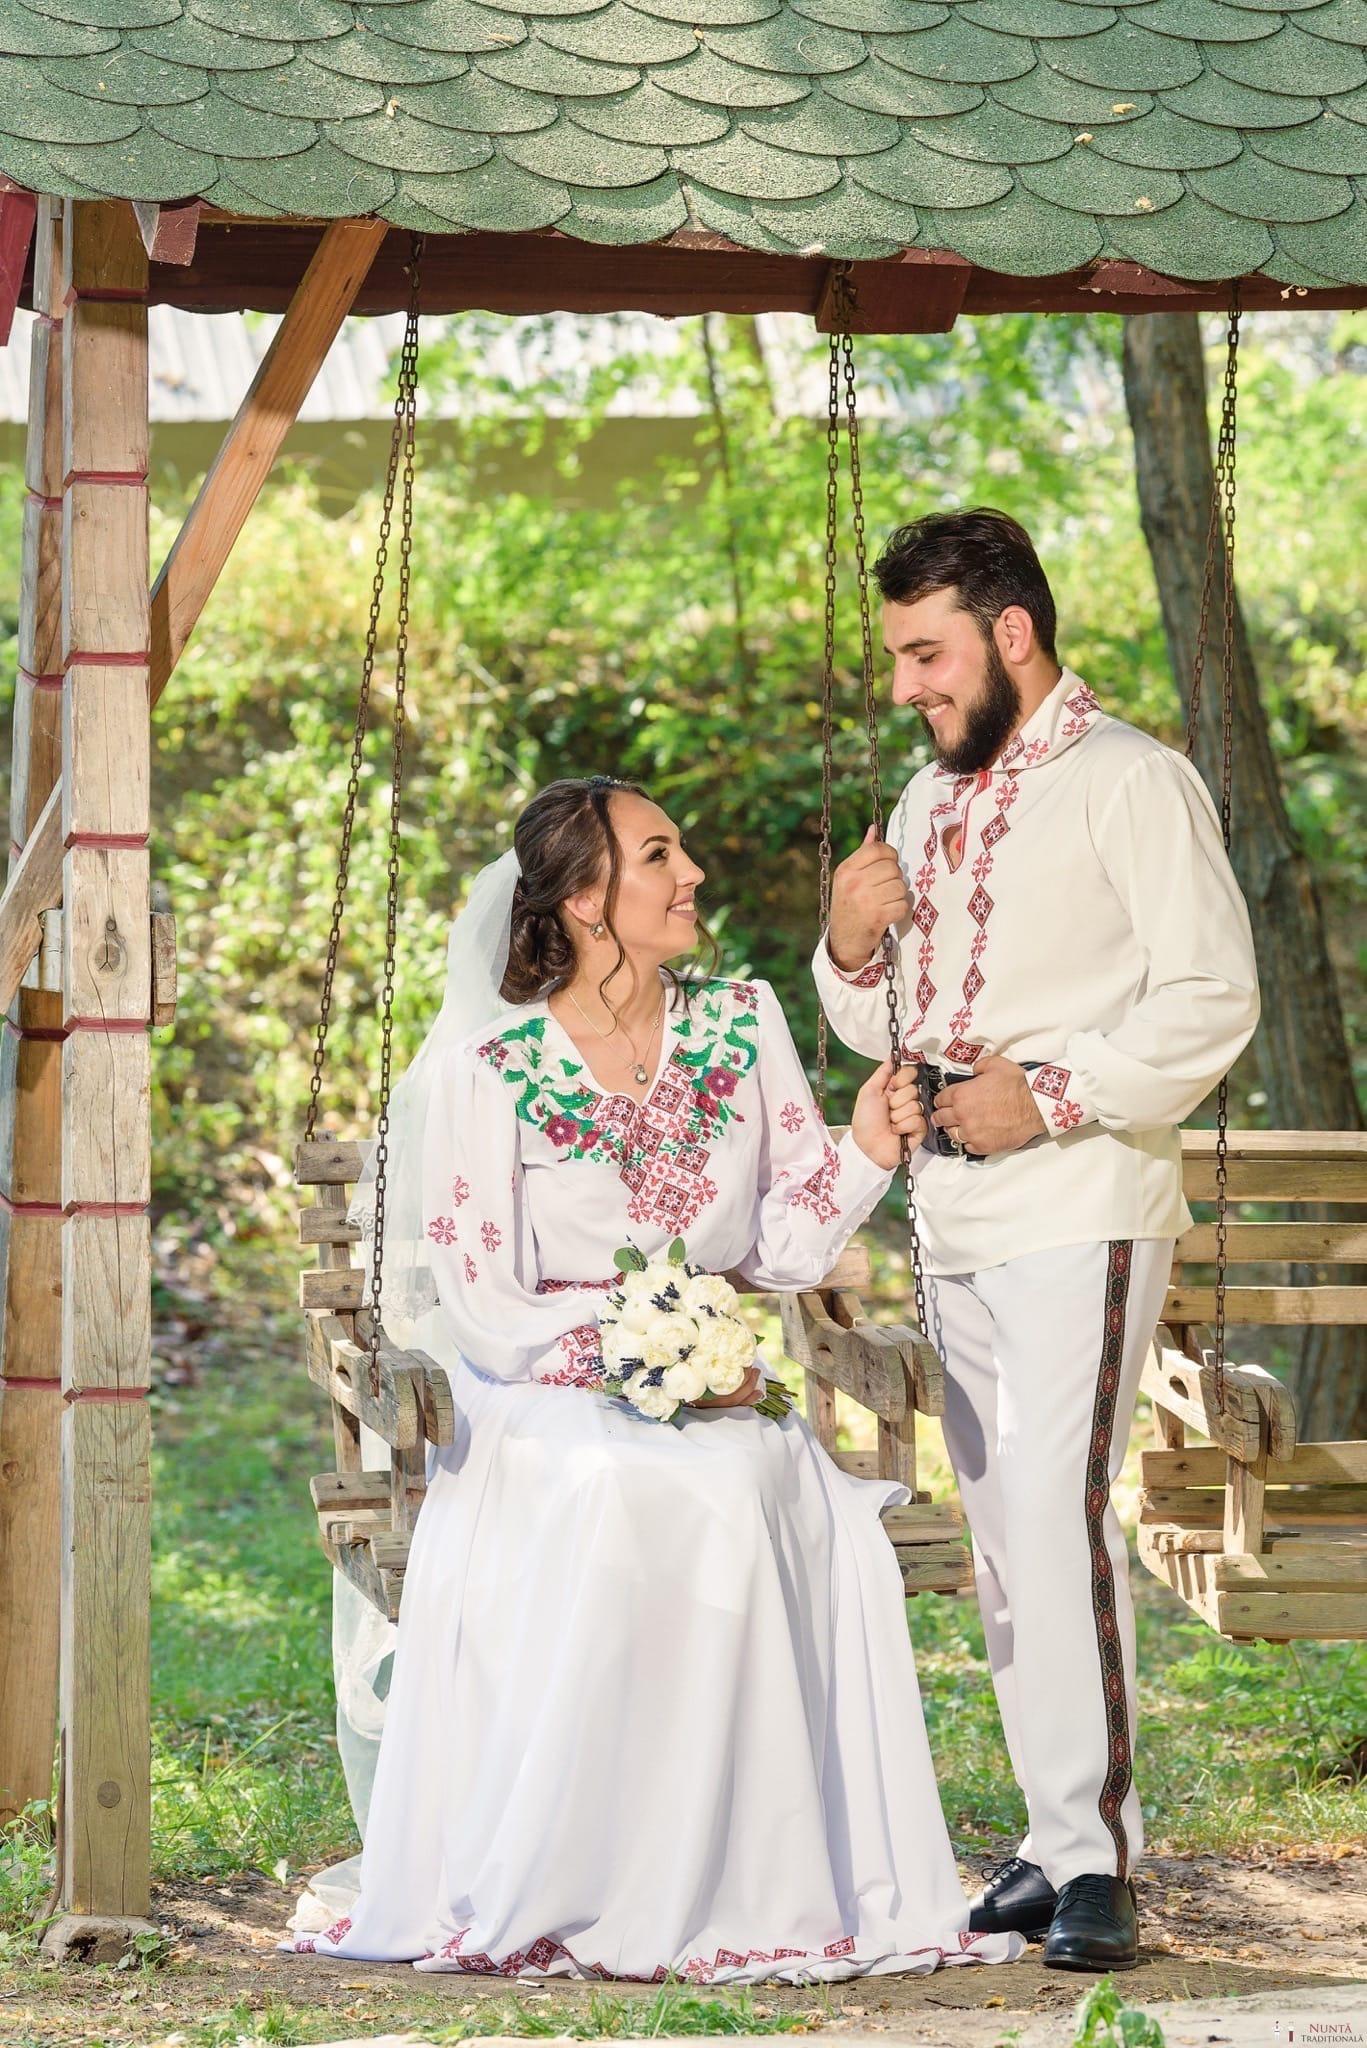 Povești Nunți Tradiționale - Daniela și Cristian, nuntă tradițională în Slobozia, Giurgiu 7